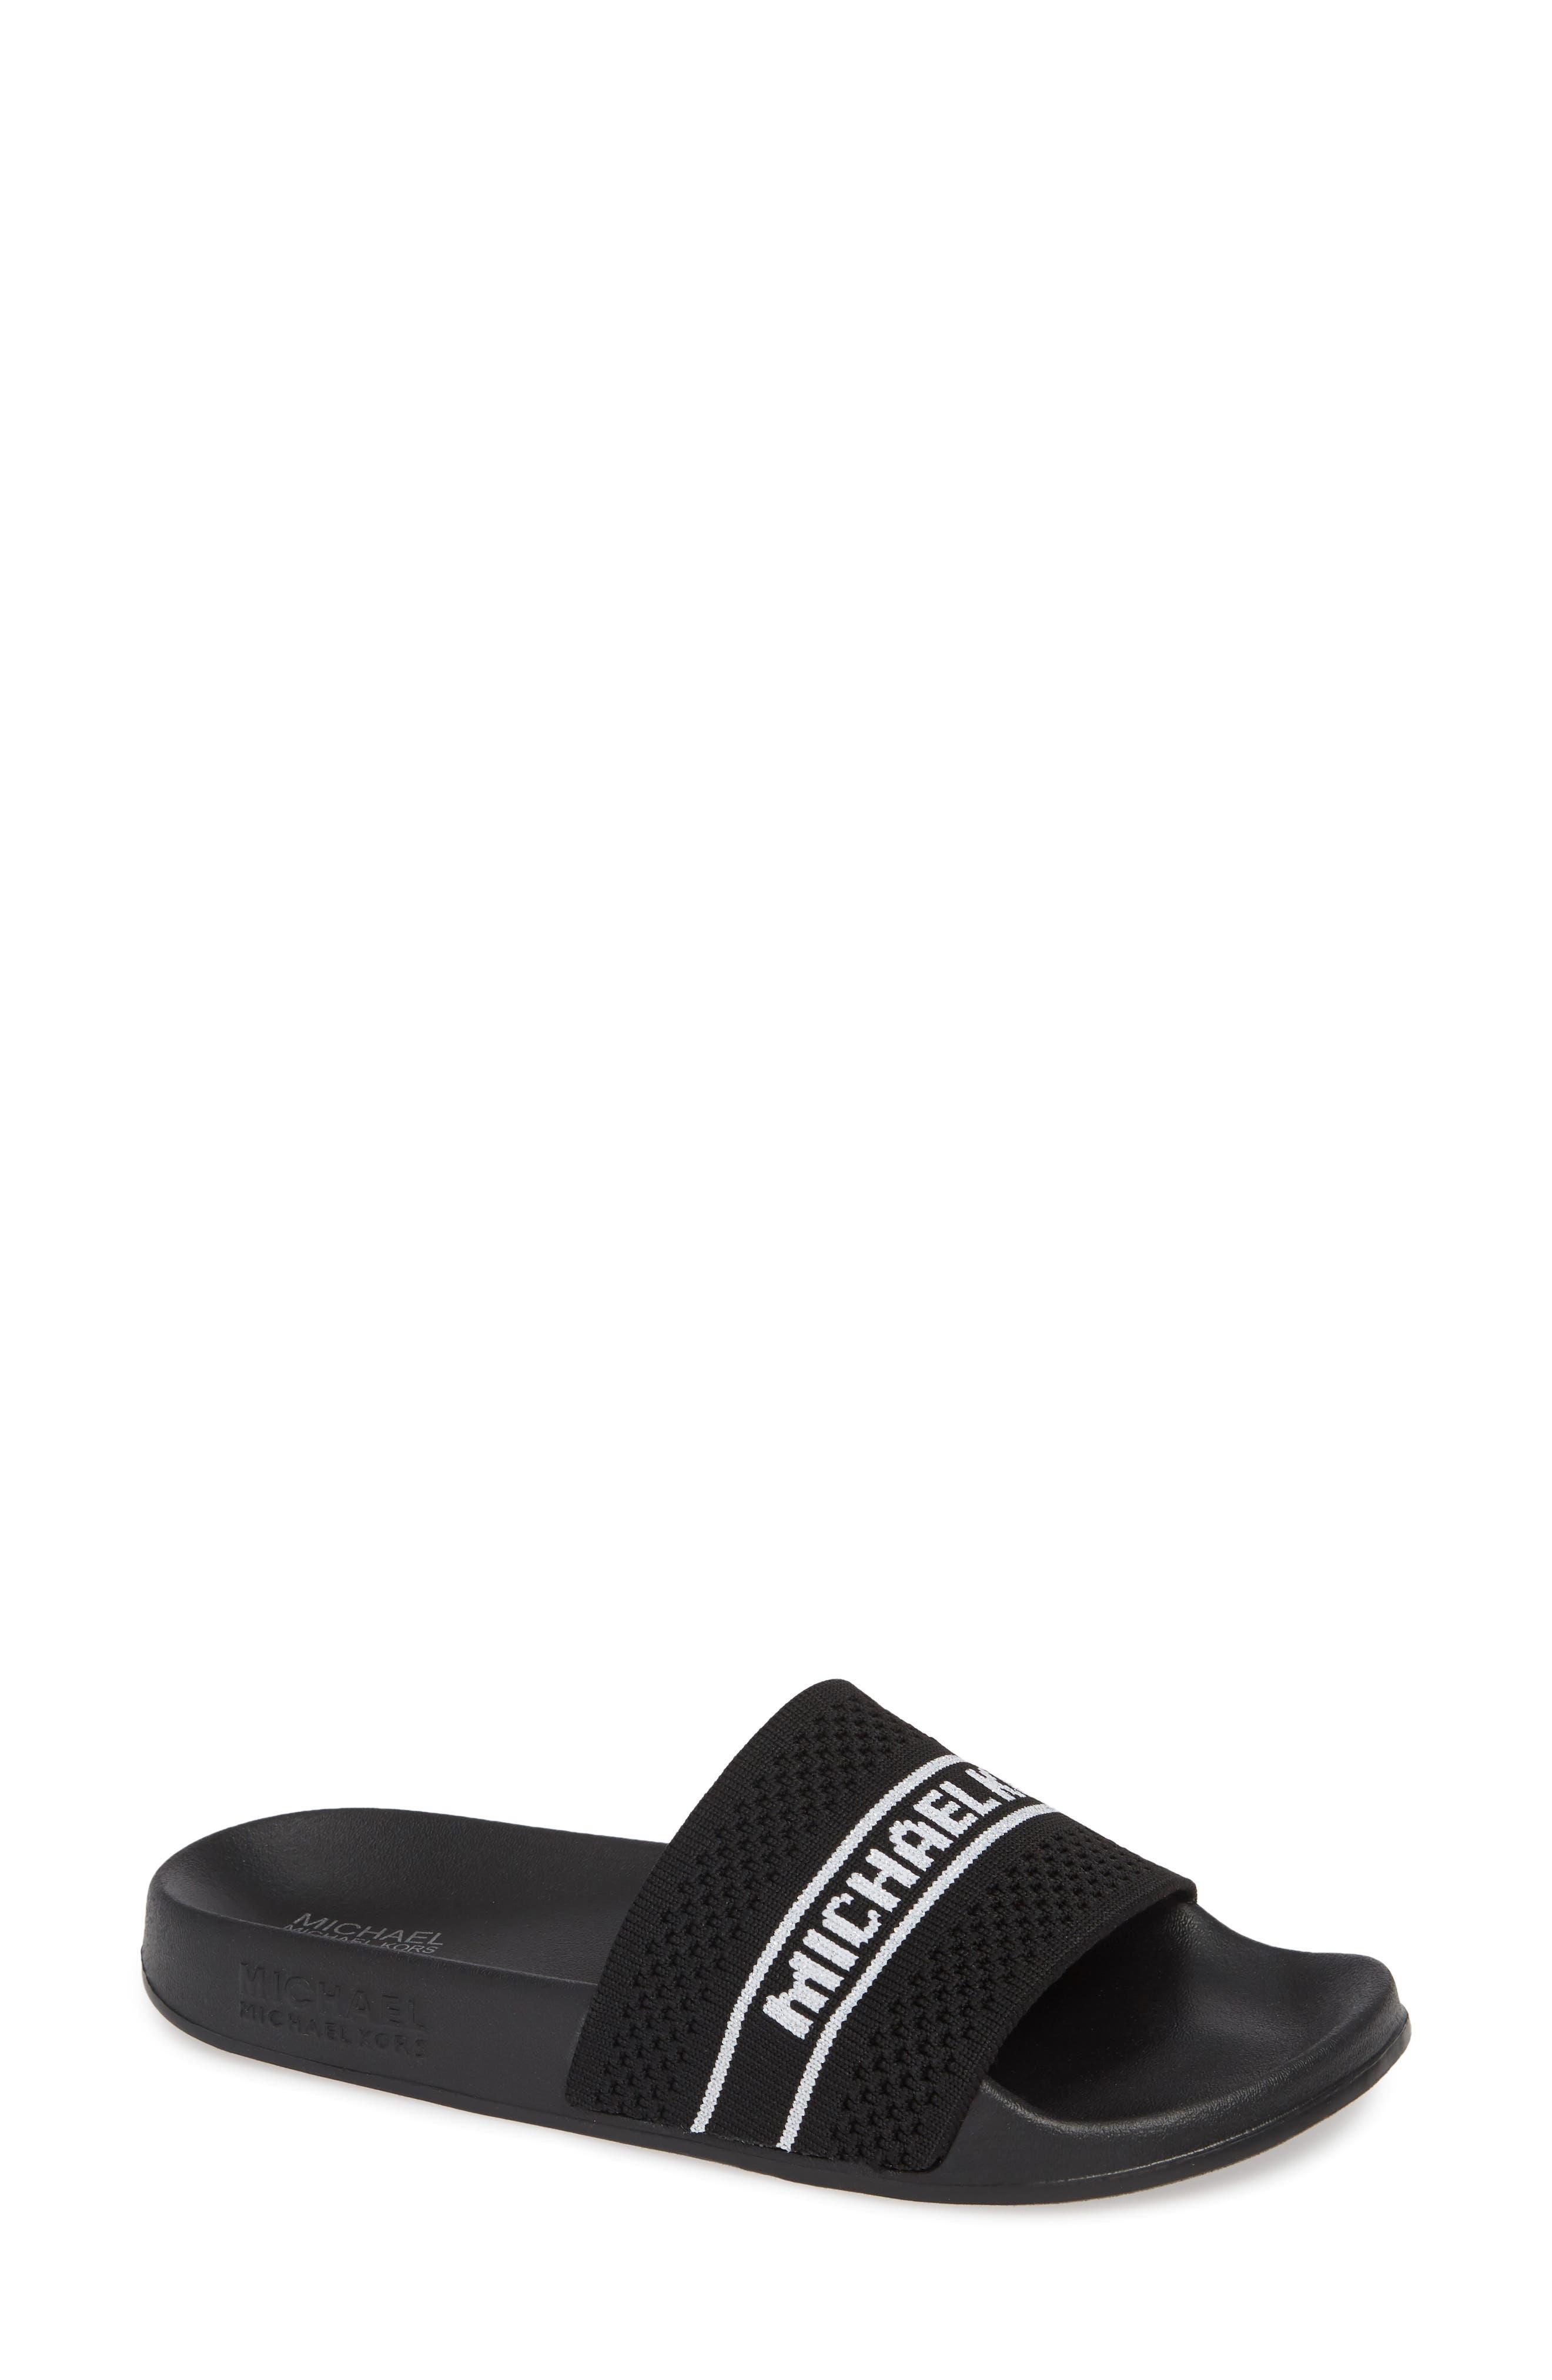 Michael Michael Kors Gilmore Slide Sandal, Black